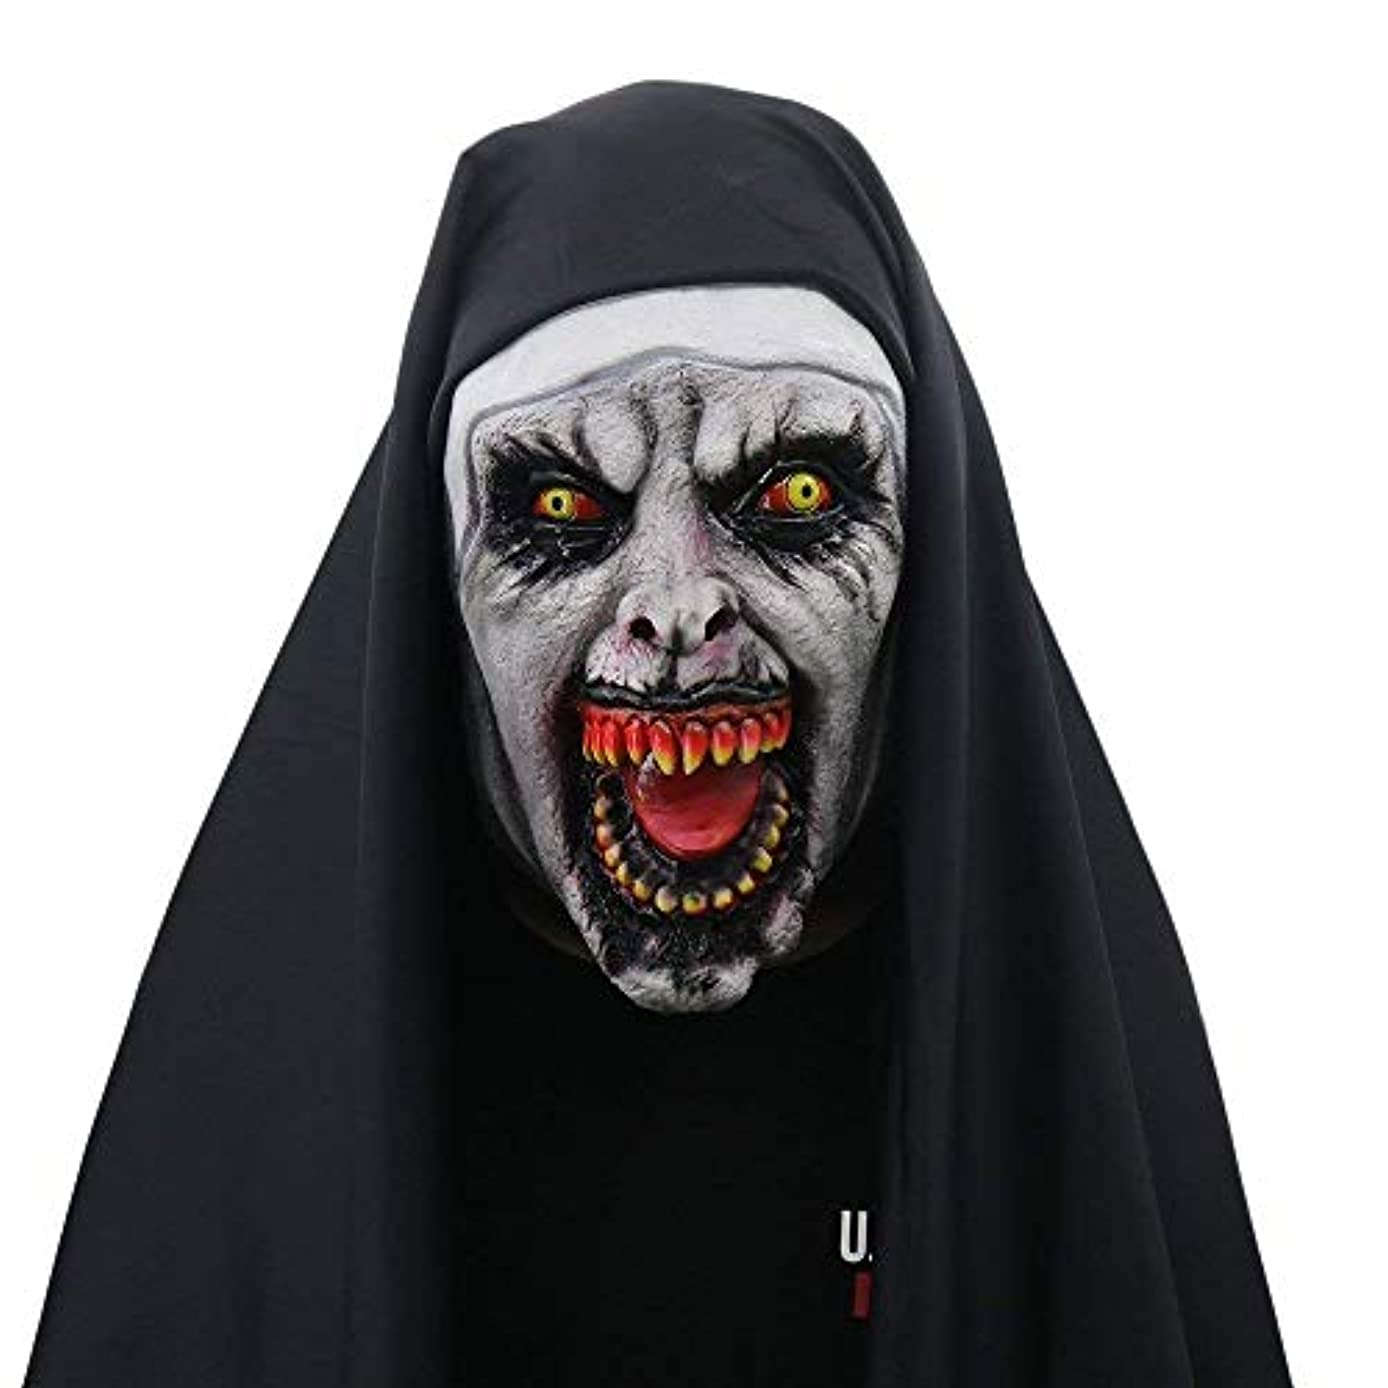 うっかり整理する収穫女性のためのハロウィン修道女の衣装、修道女仮面の怖いベール